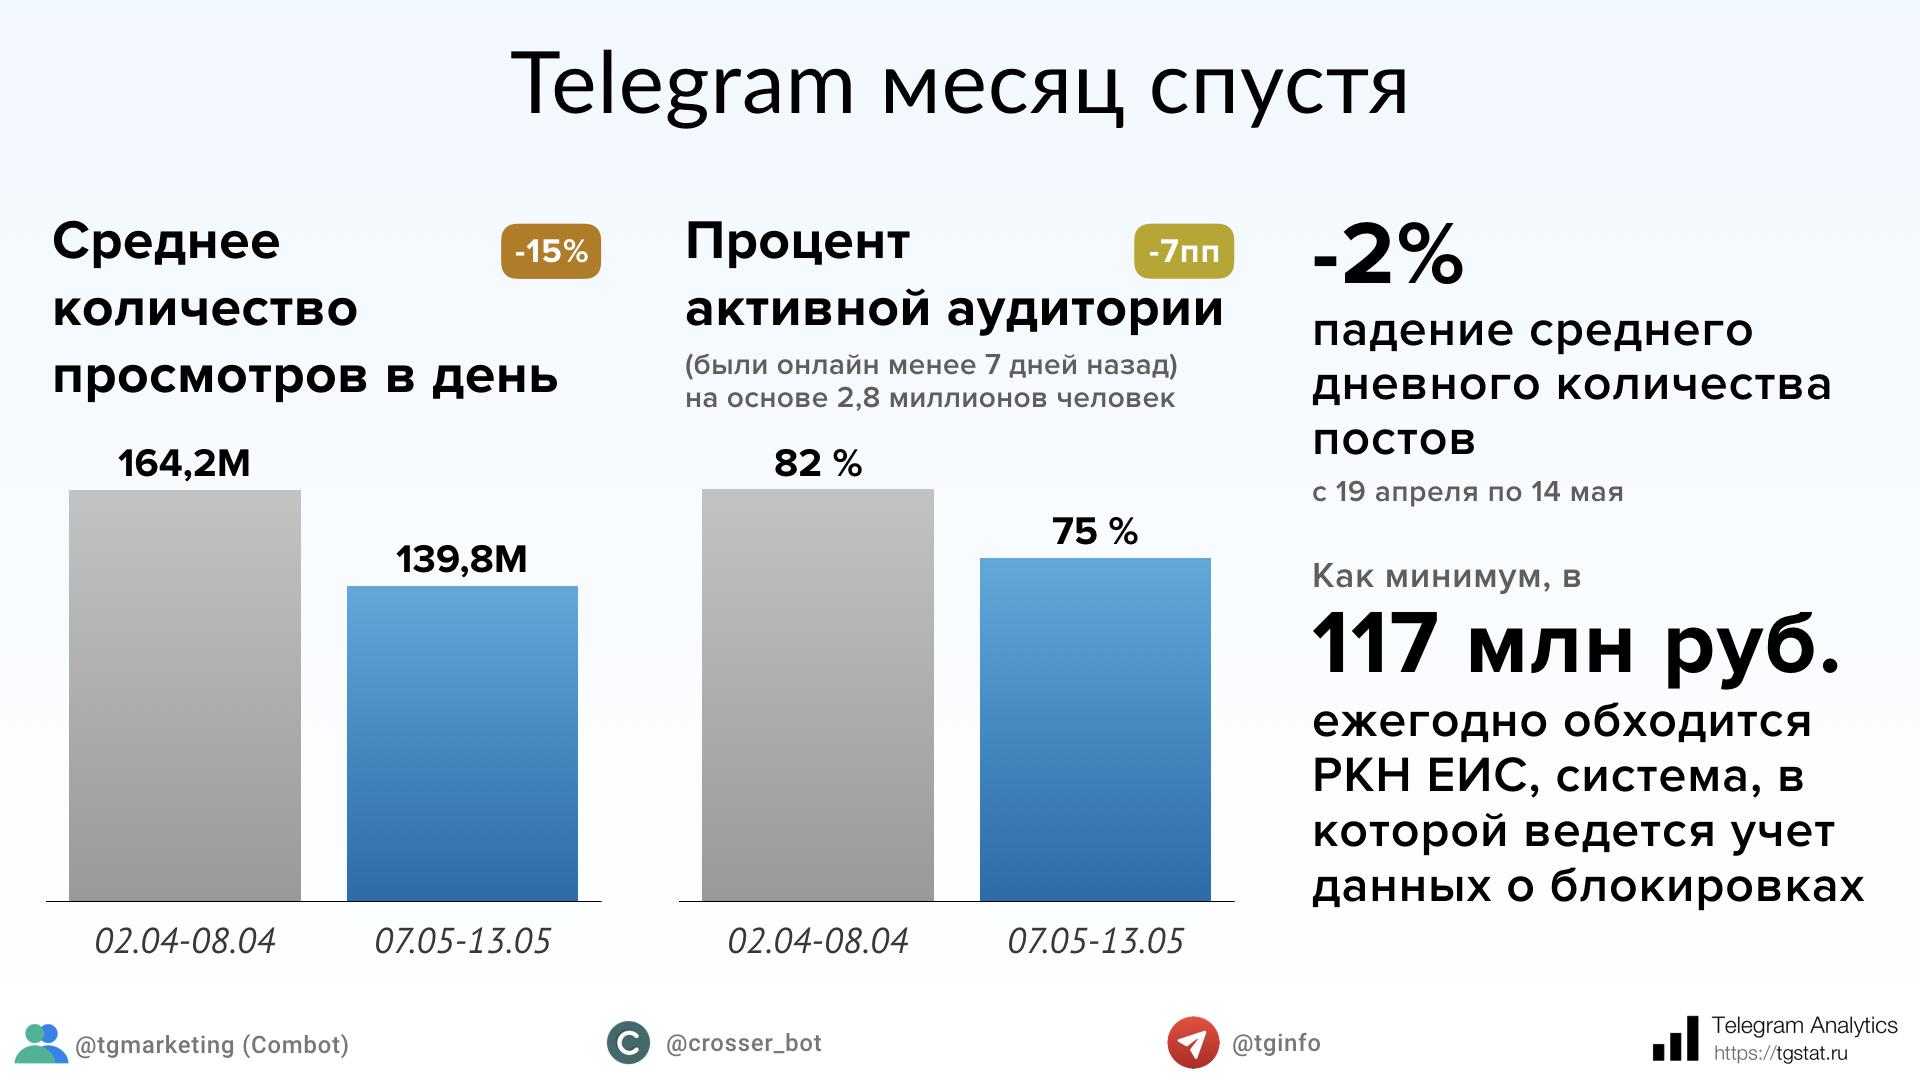 Показатели активности Telegram через месяц после начала блокировки